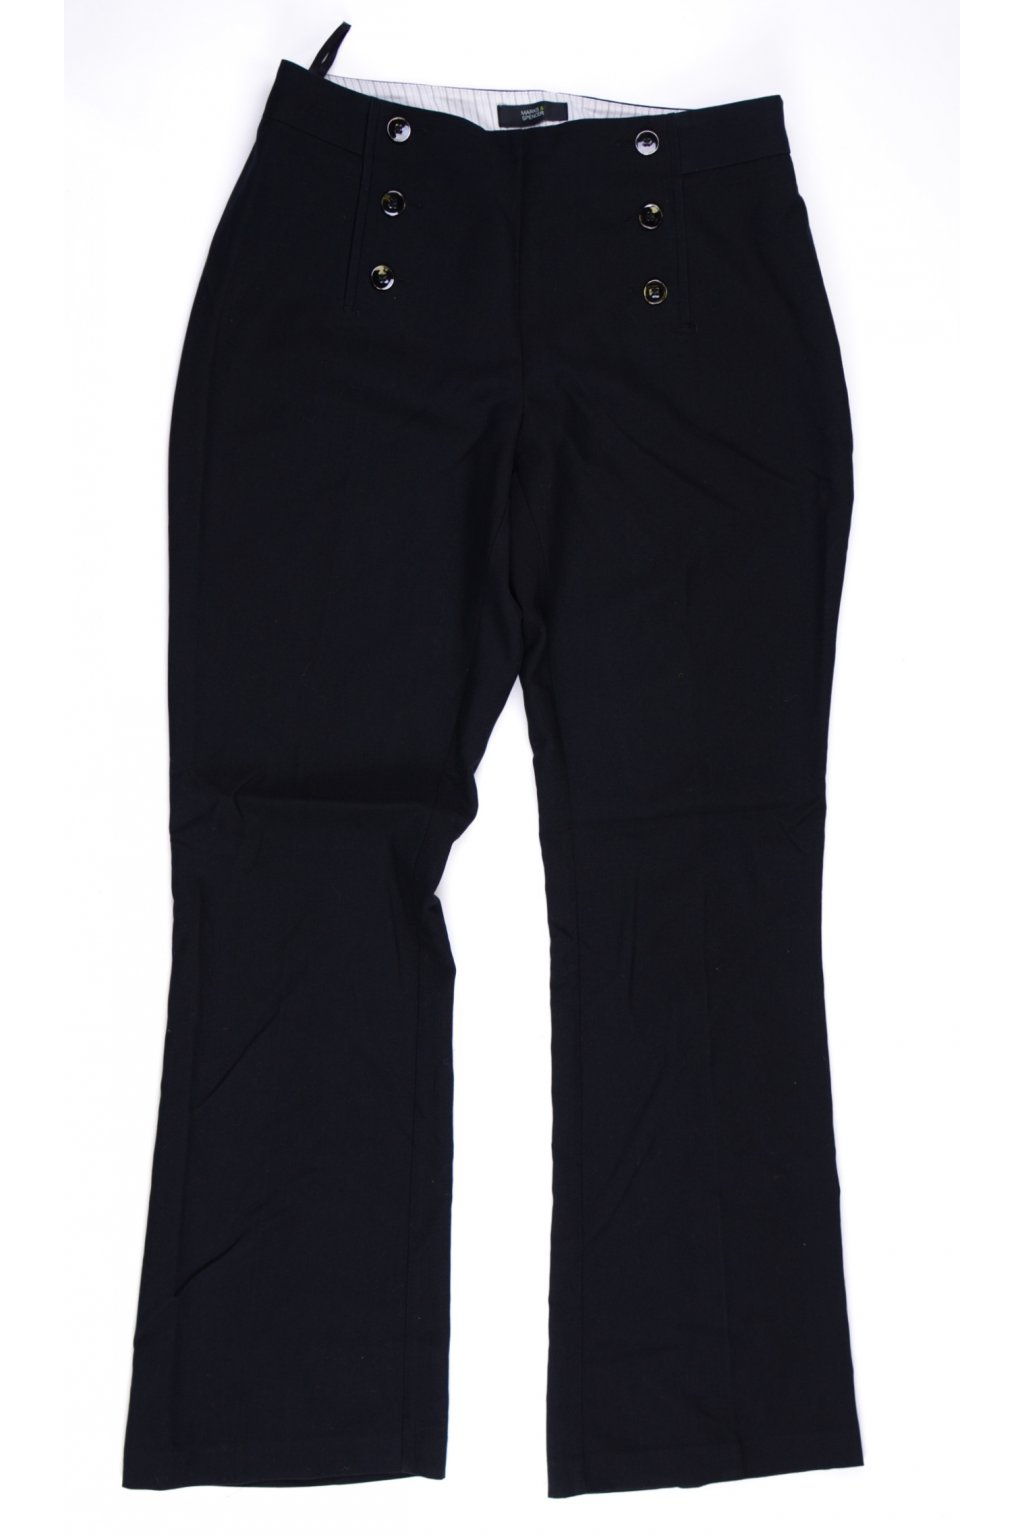 Kalhoty formální Marks&Spencer vel M/UK12 černé @